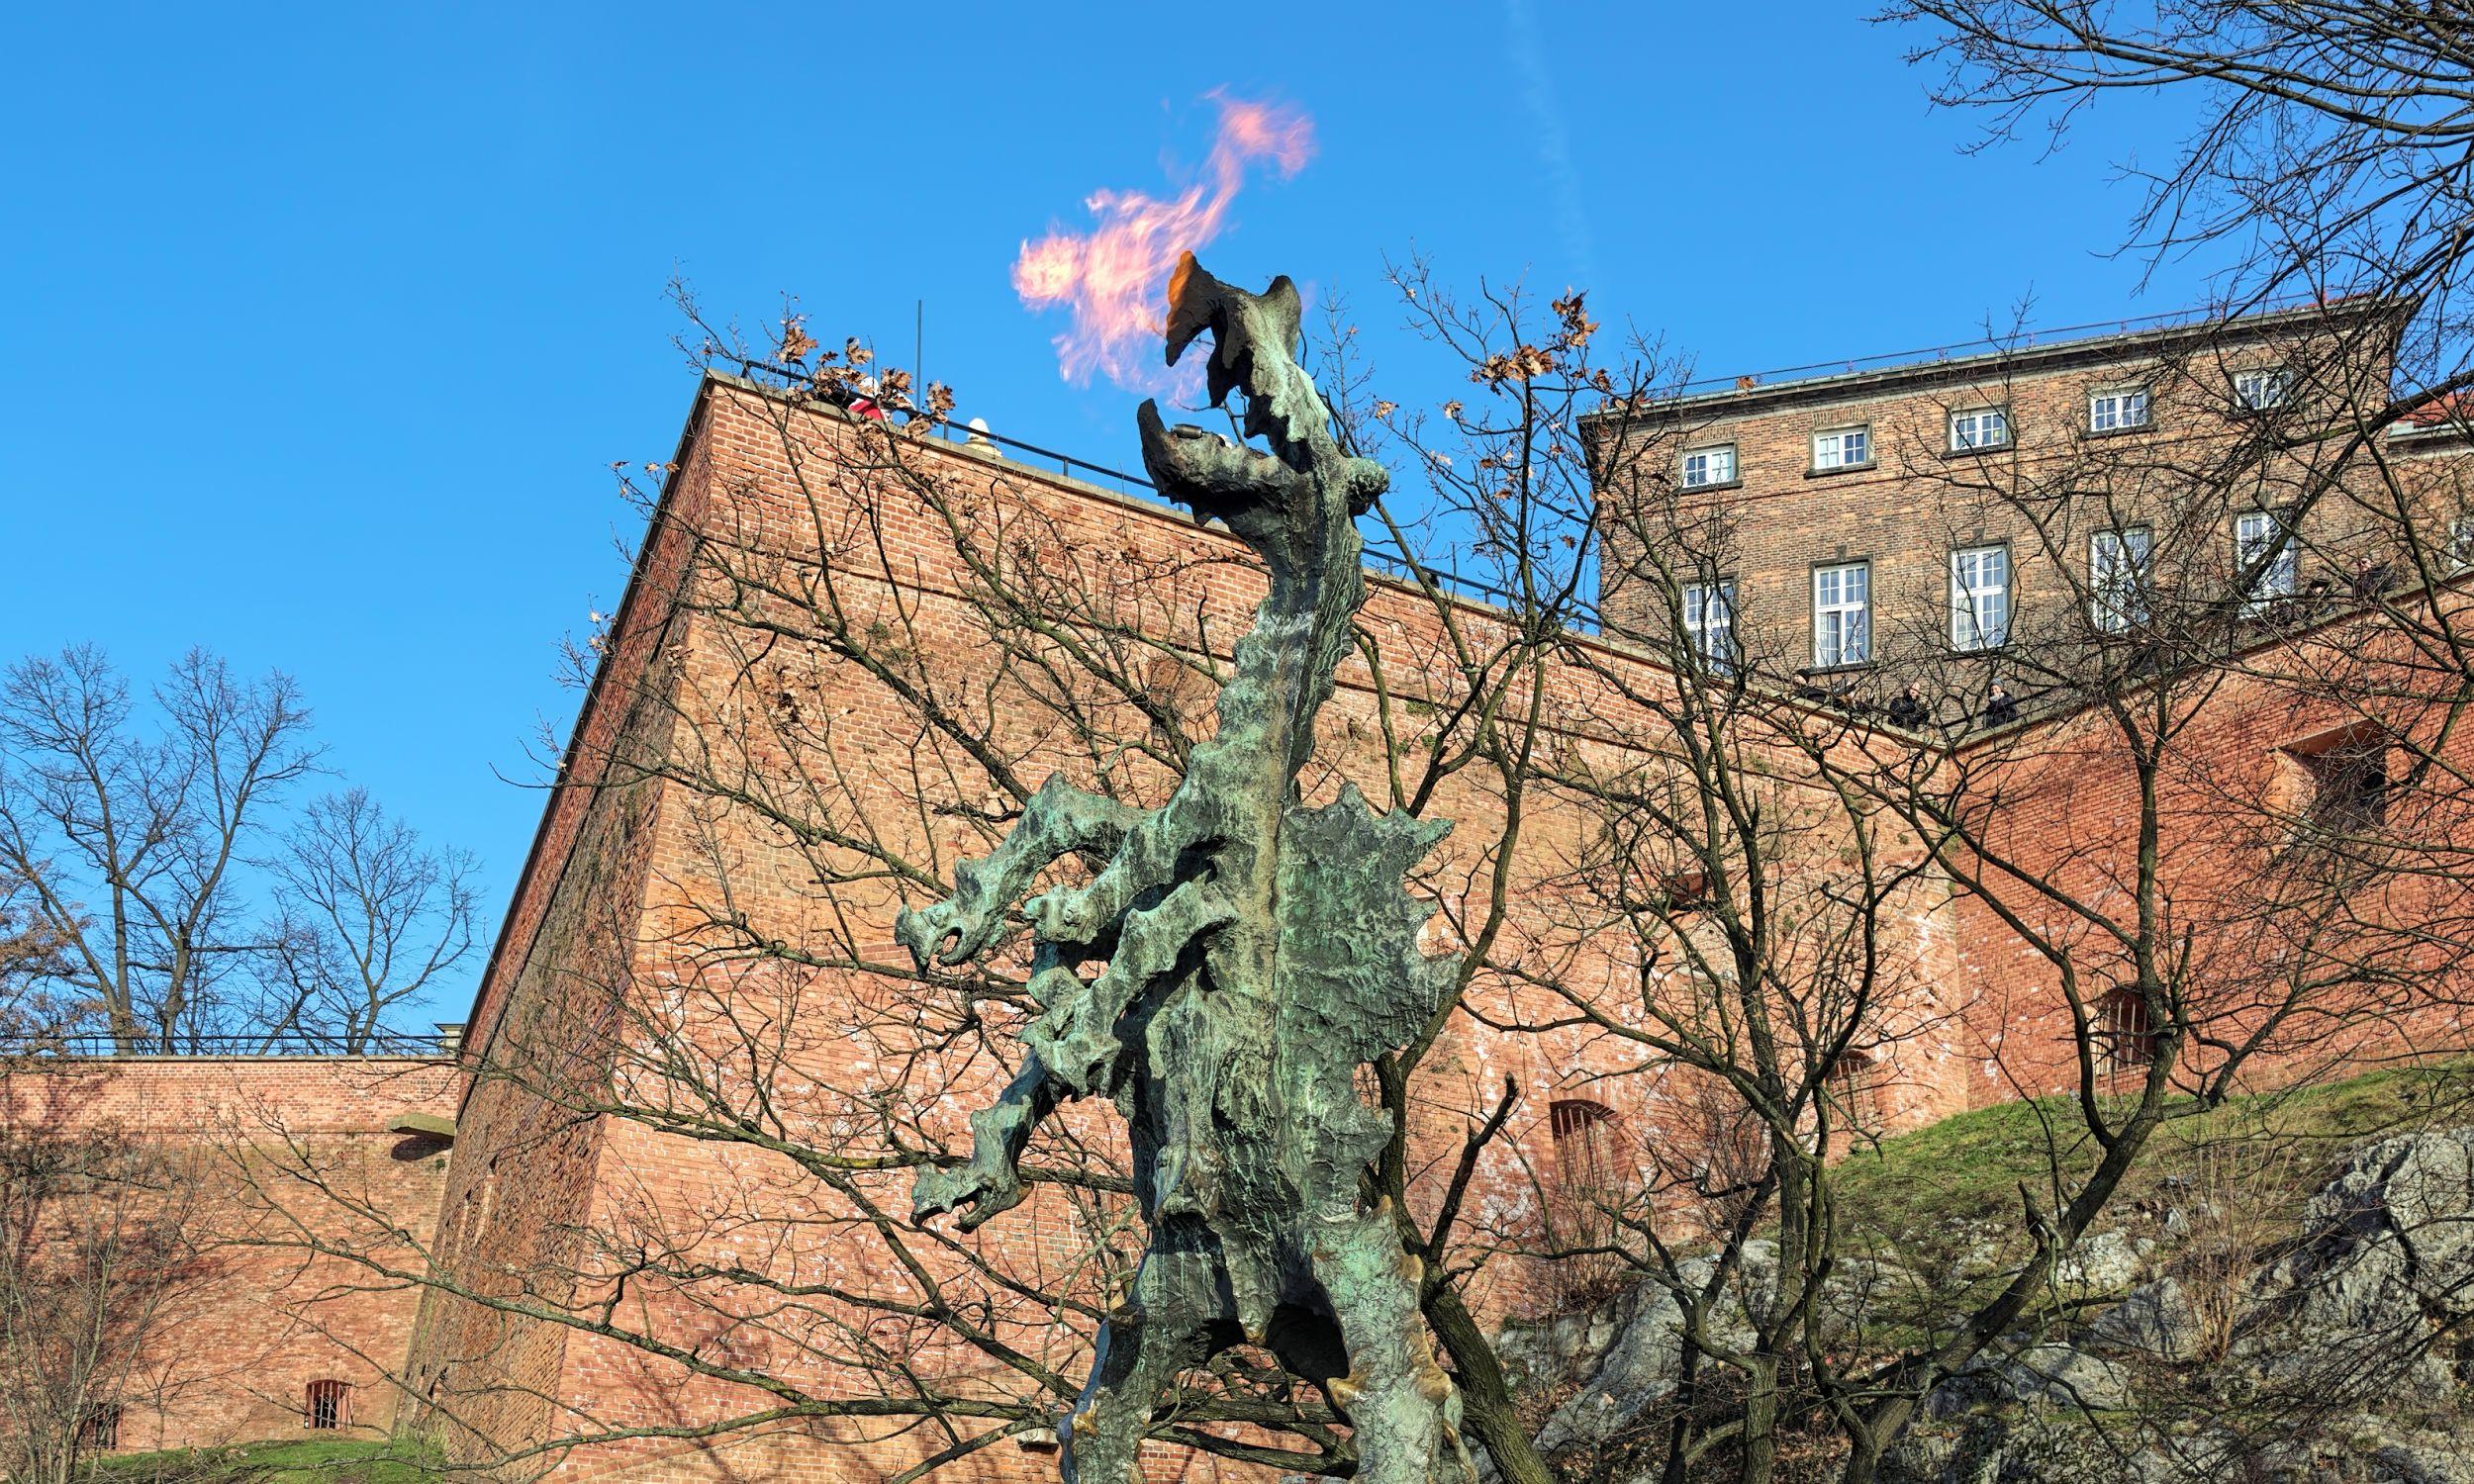 Smok wawelski - rzeźba stojąca w grocie pod zamkiem w Krakowie. Fot. Shutterstock/Mikhail Markovskiy